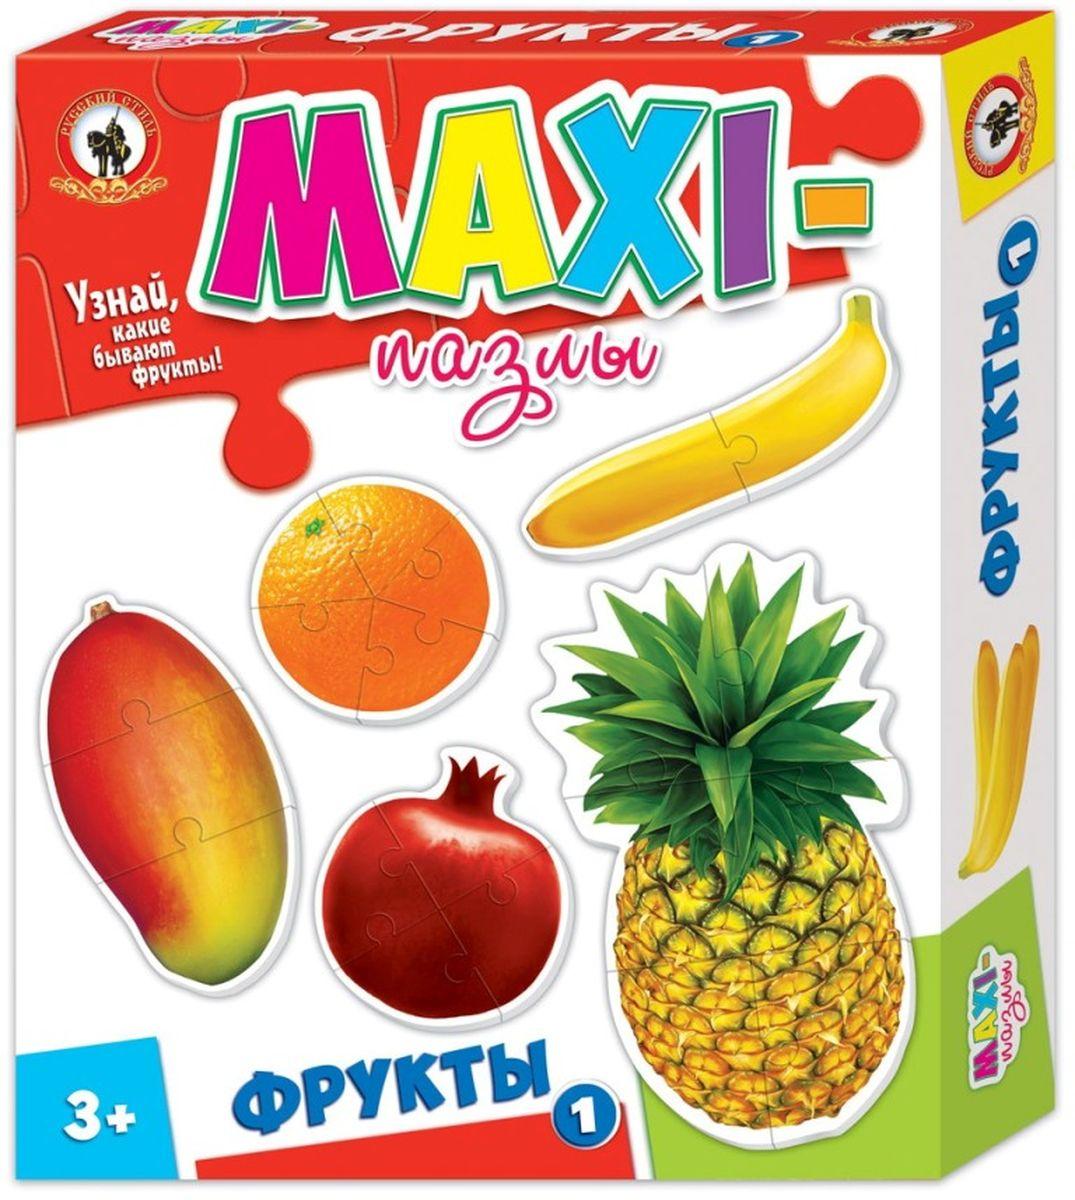 Русский стиль Макси пазлы Фрукты 103532Игра для детей от 3 лет. Состав набора: Банан (2 элемента) Манго (3 элемента) Гранат (4 элемента) Апельсин (5 элементов) Ананас (6 элементов)